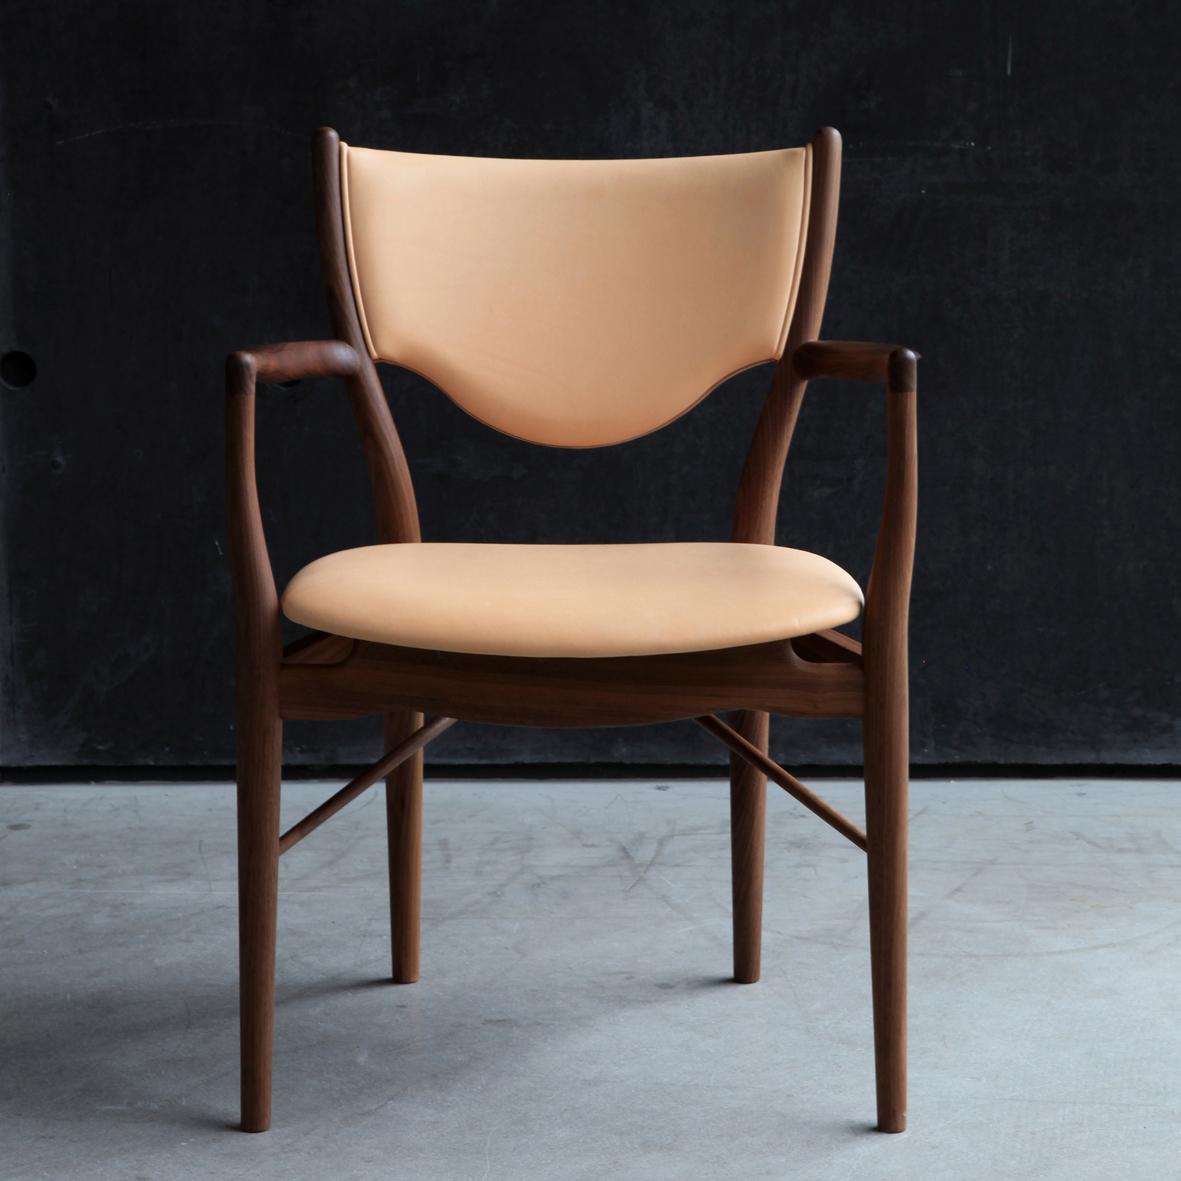 silla de diseño danes años 40